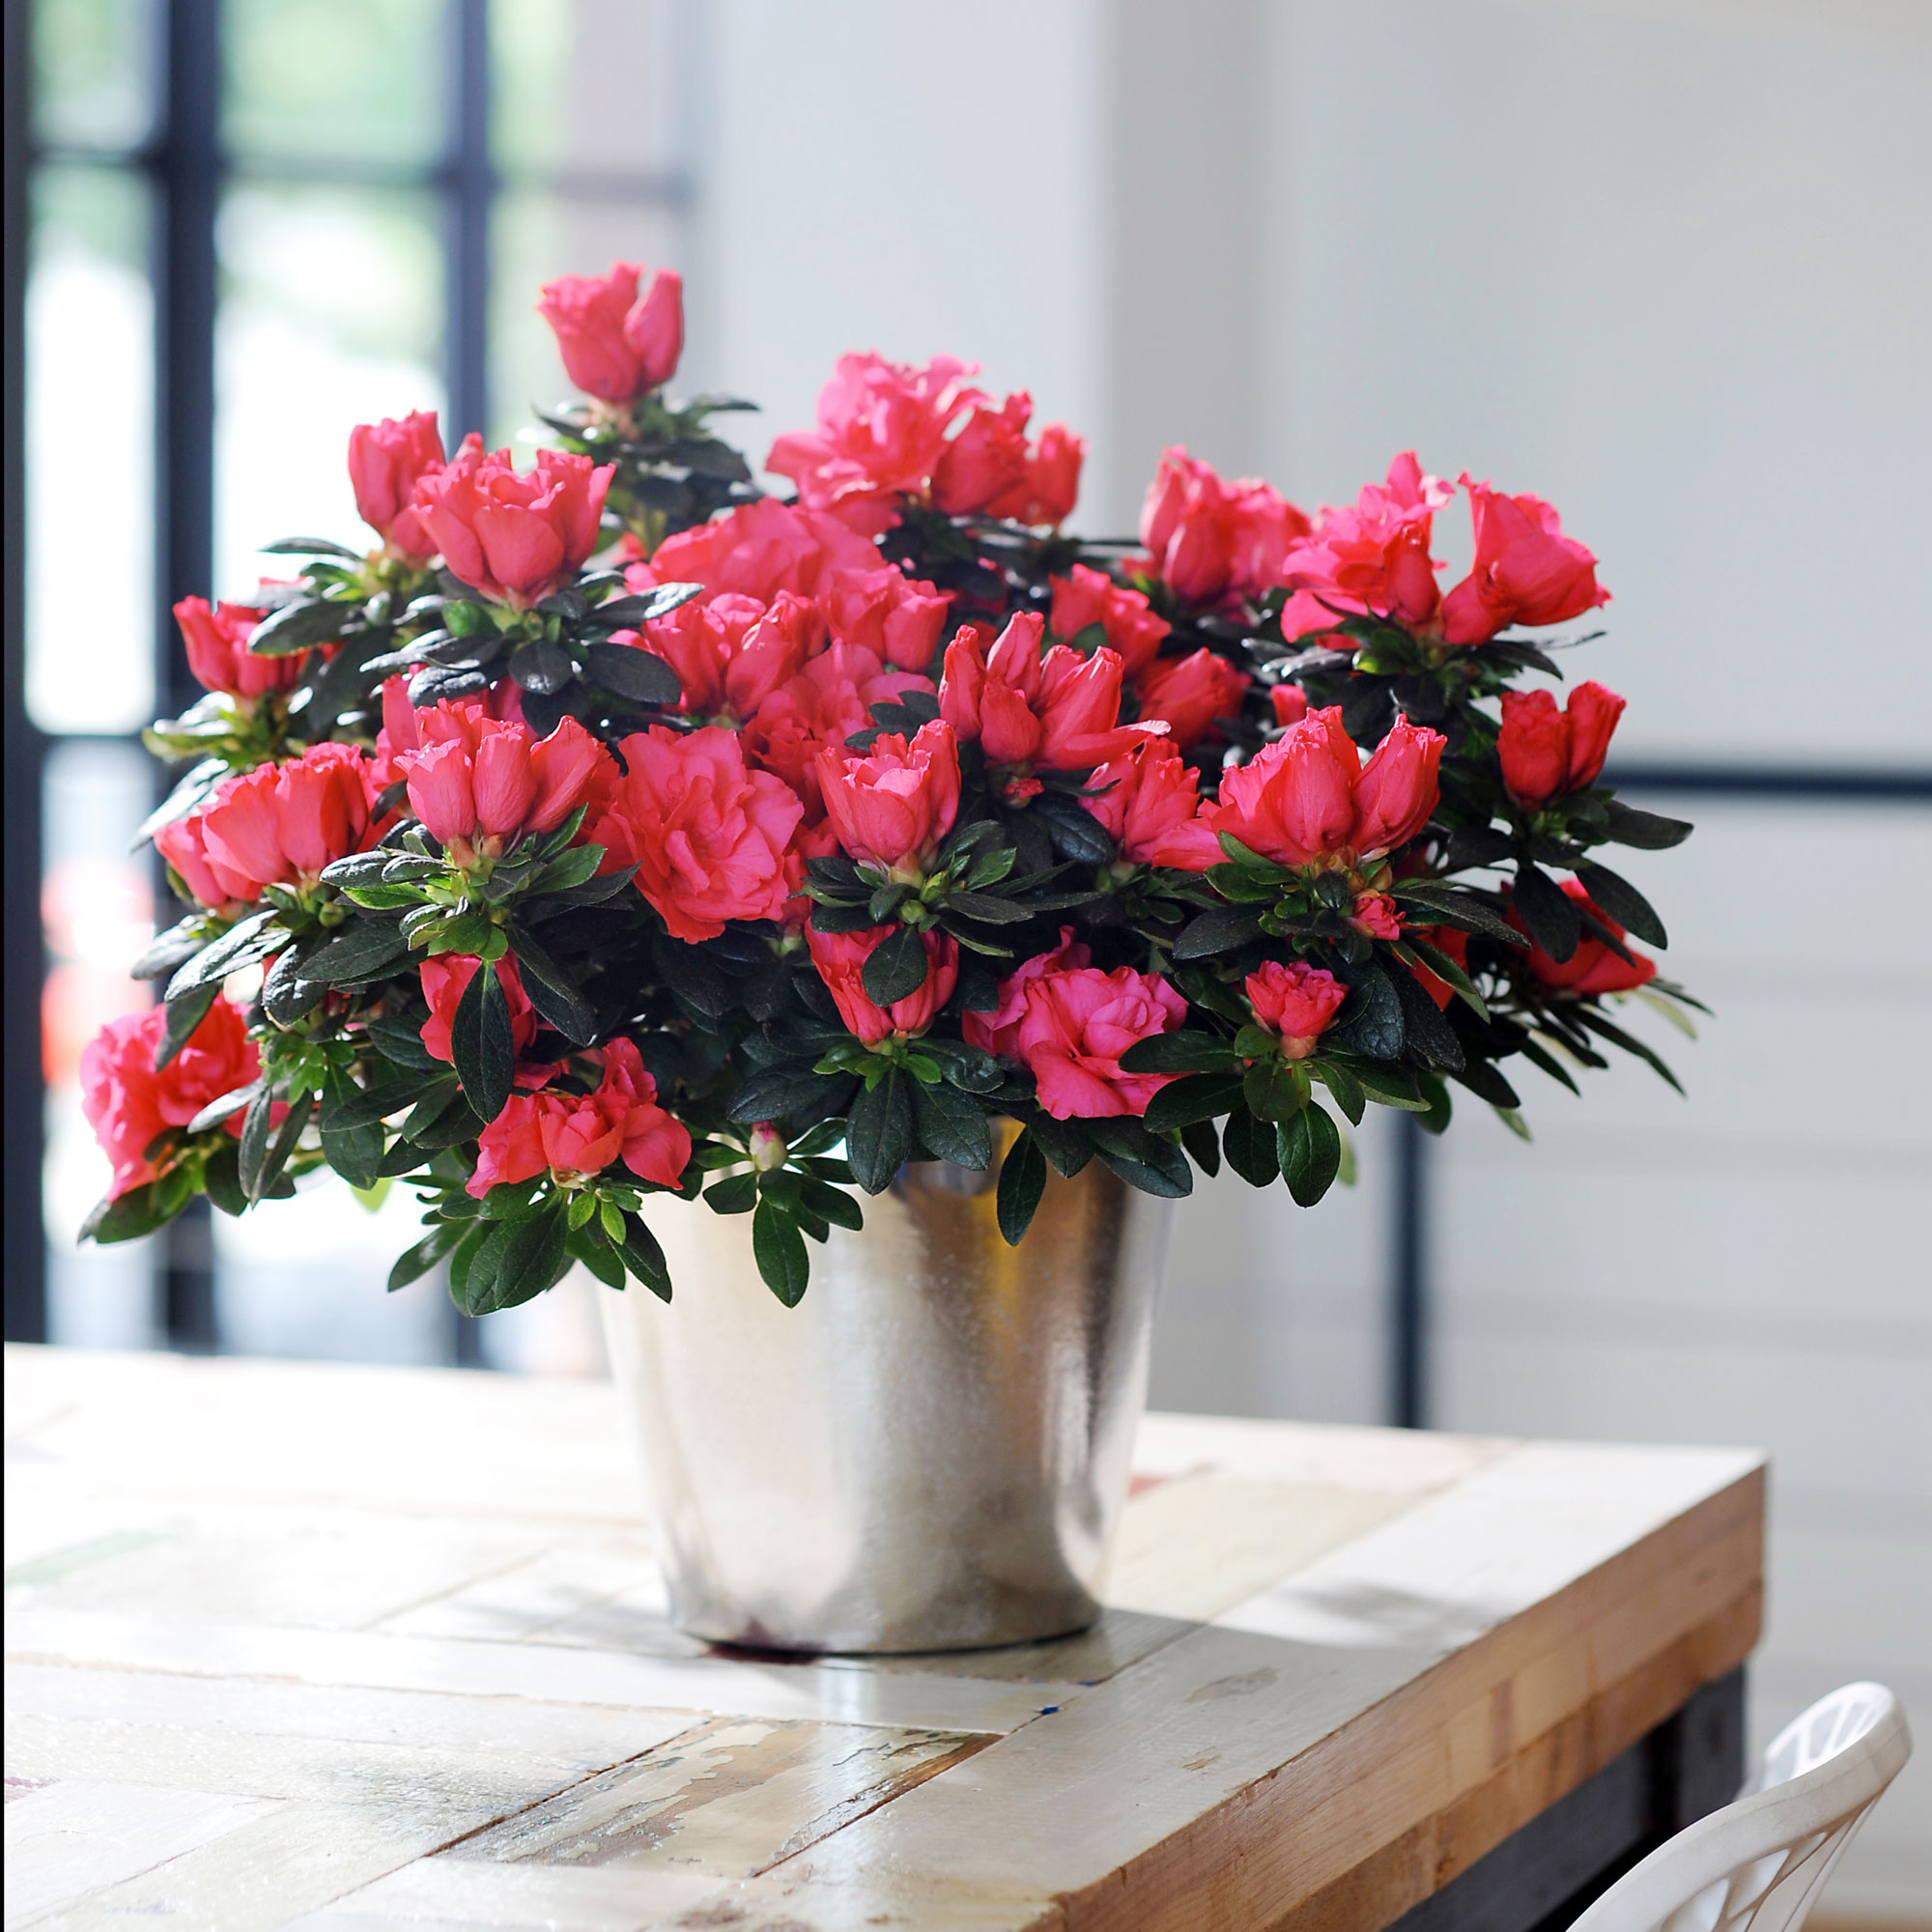 комнатные цветы которые красиво цветут картинки над рекой